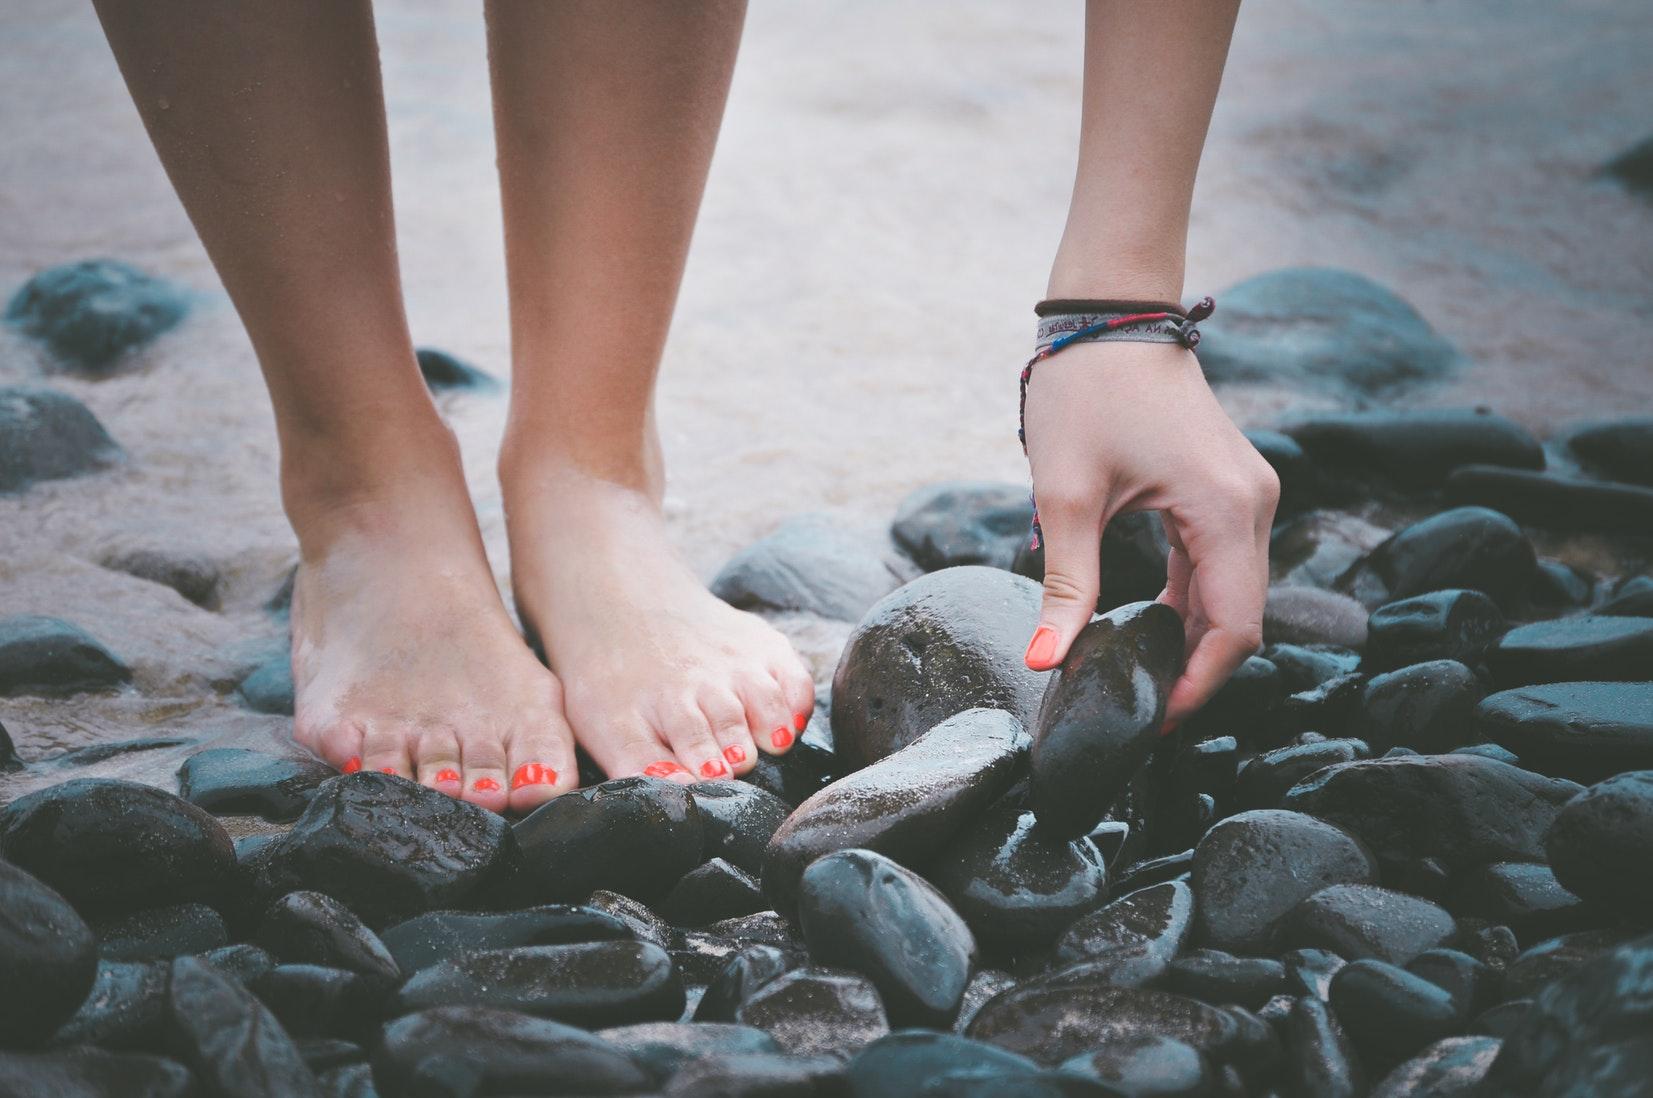 zadbane paznokcie - manicure i pedicure